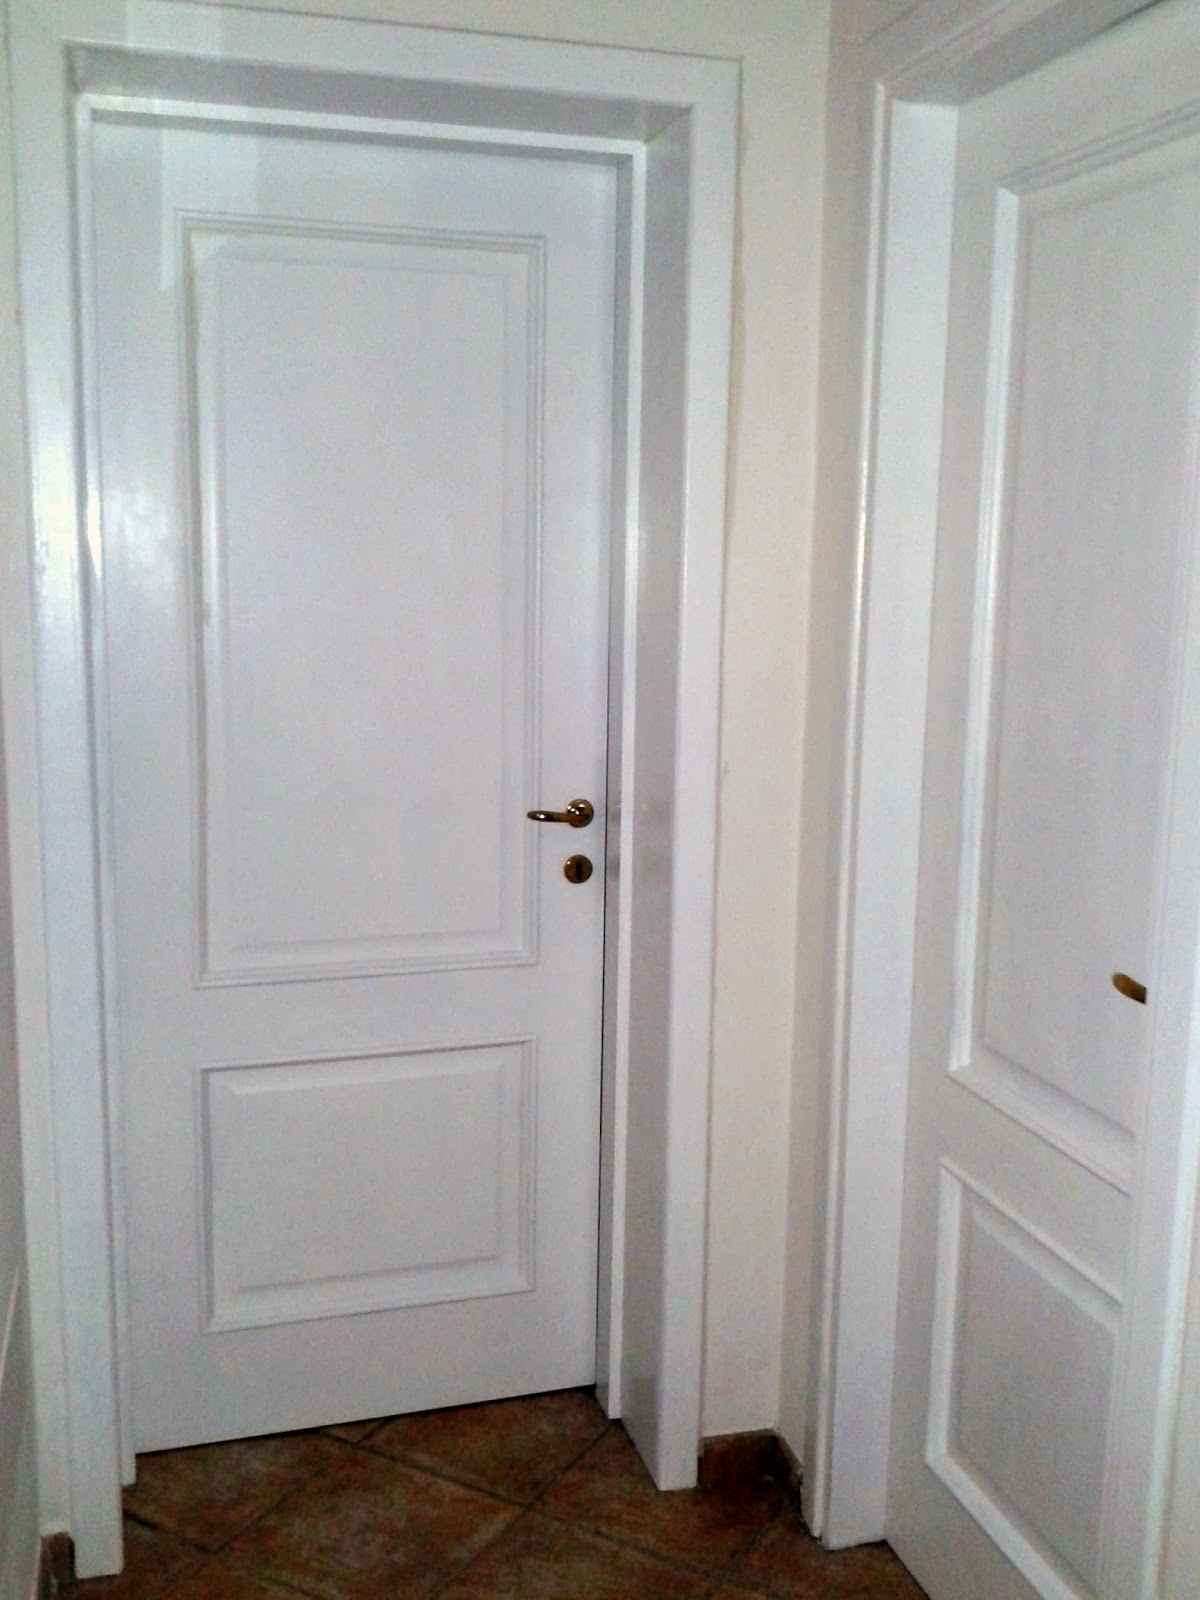 In pigiama come rinnovare le porte di casa - Porte per la casa ...